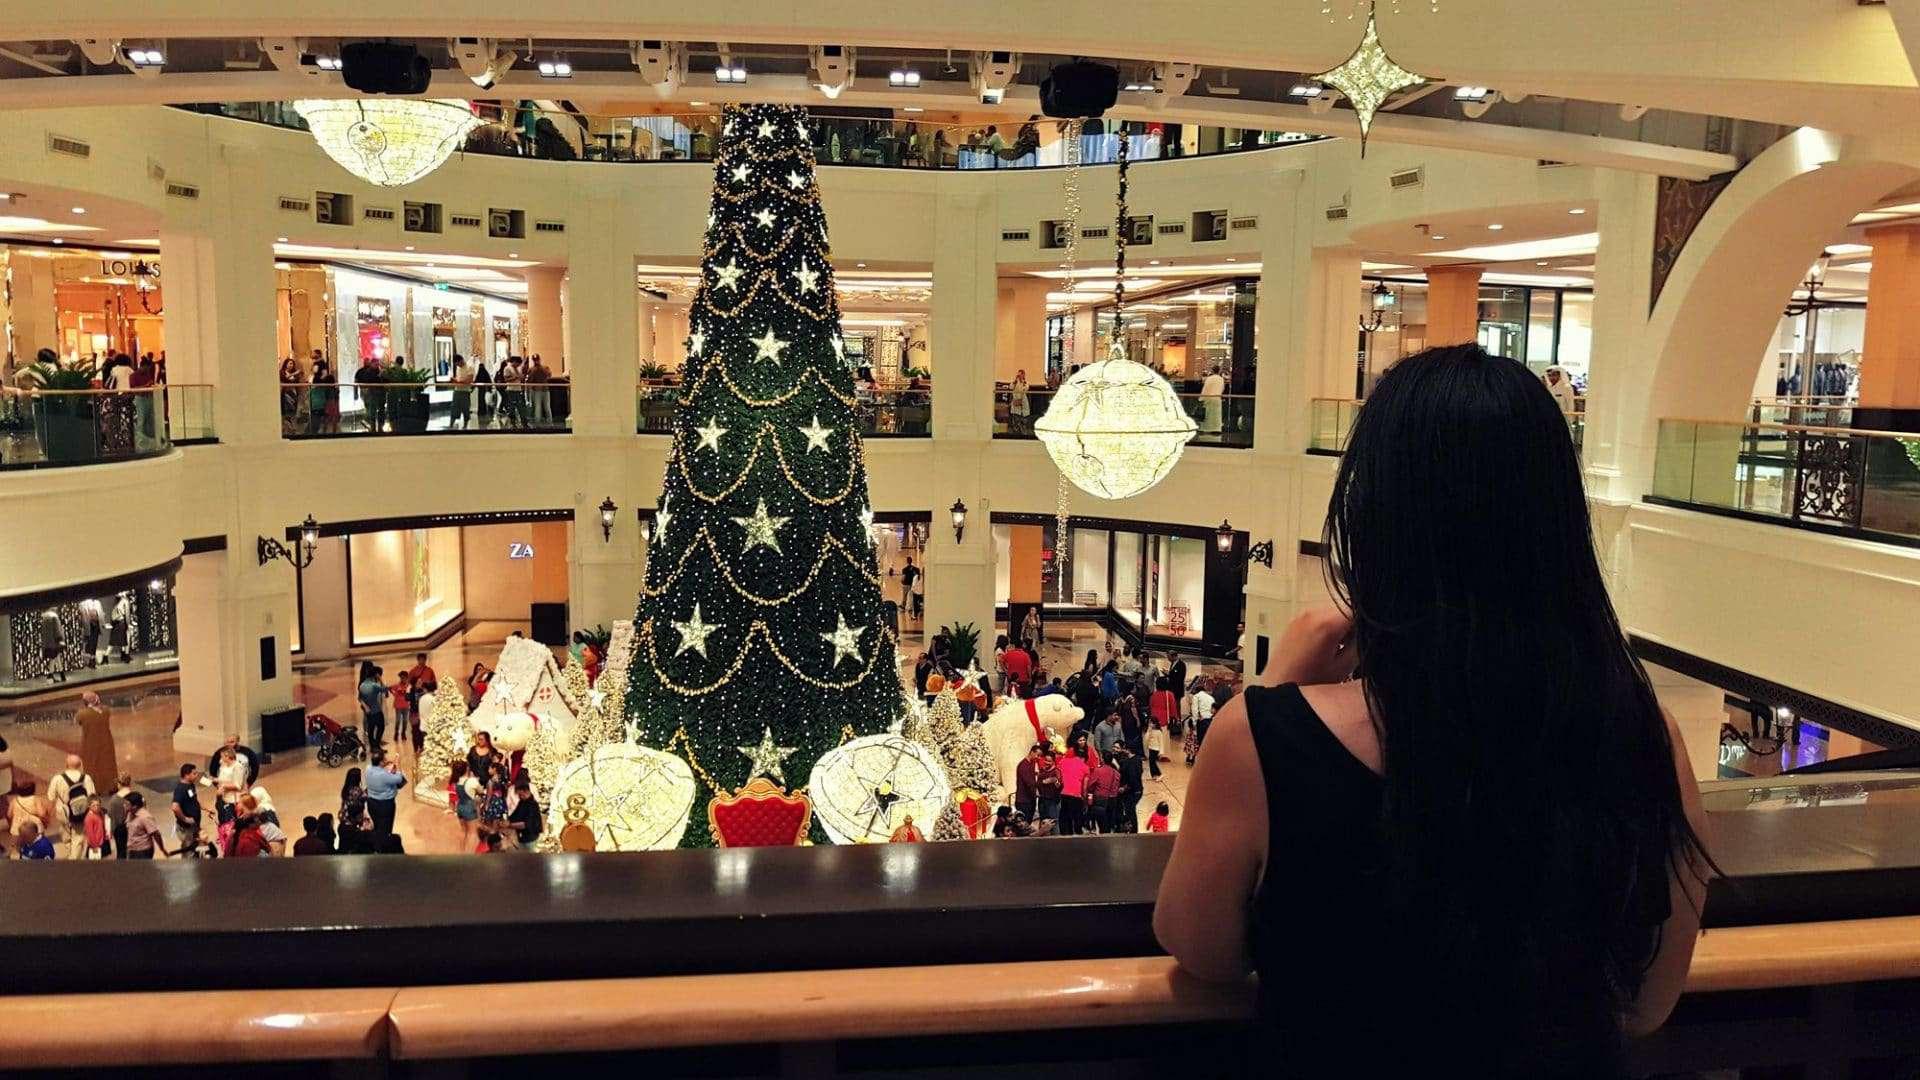 Natale a Dubai: 5 cose da fare nella città più famosa degli Emirati Arabi